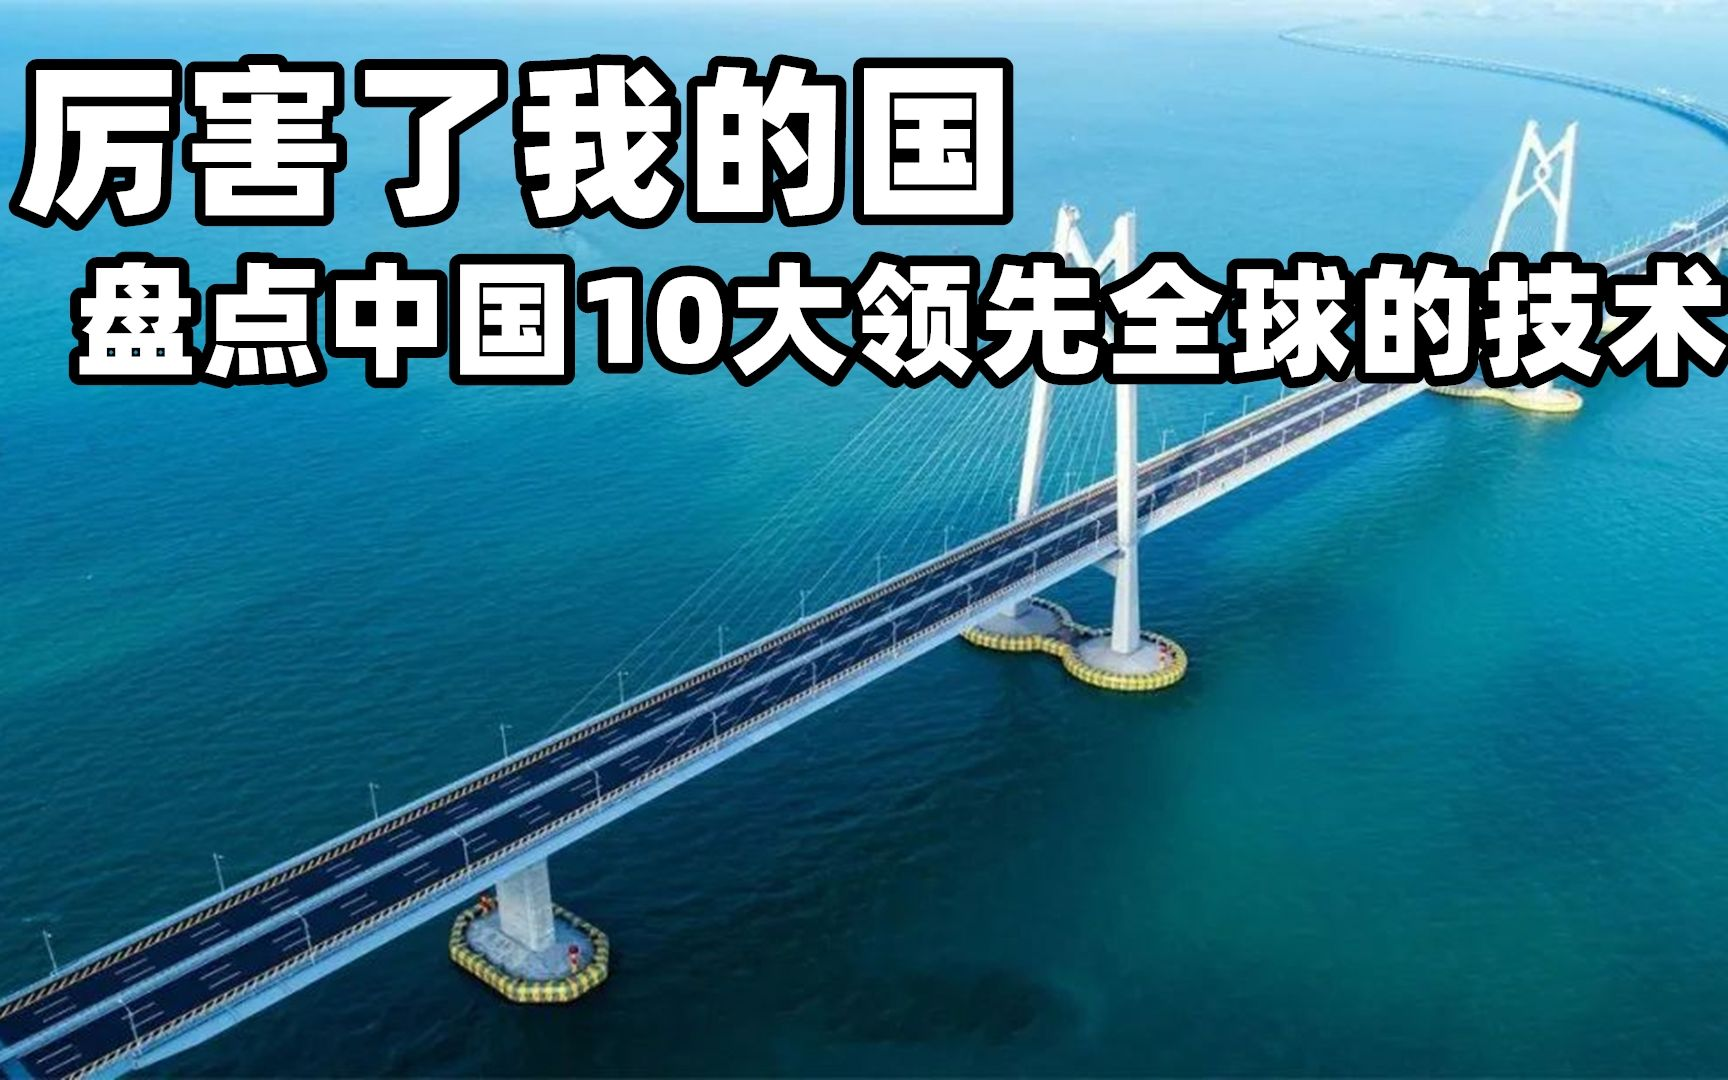 厉害了我的国!盘点中国10大领先全球的技术,大部分国人都不知道